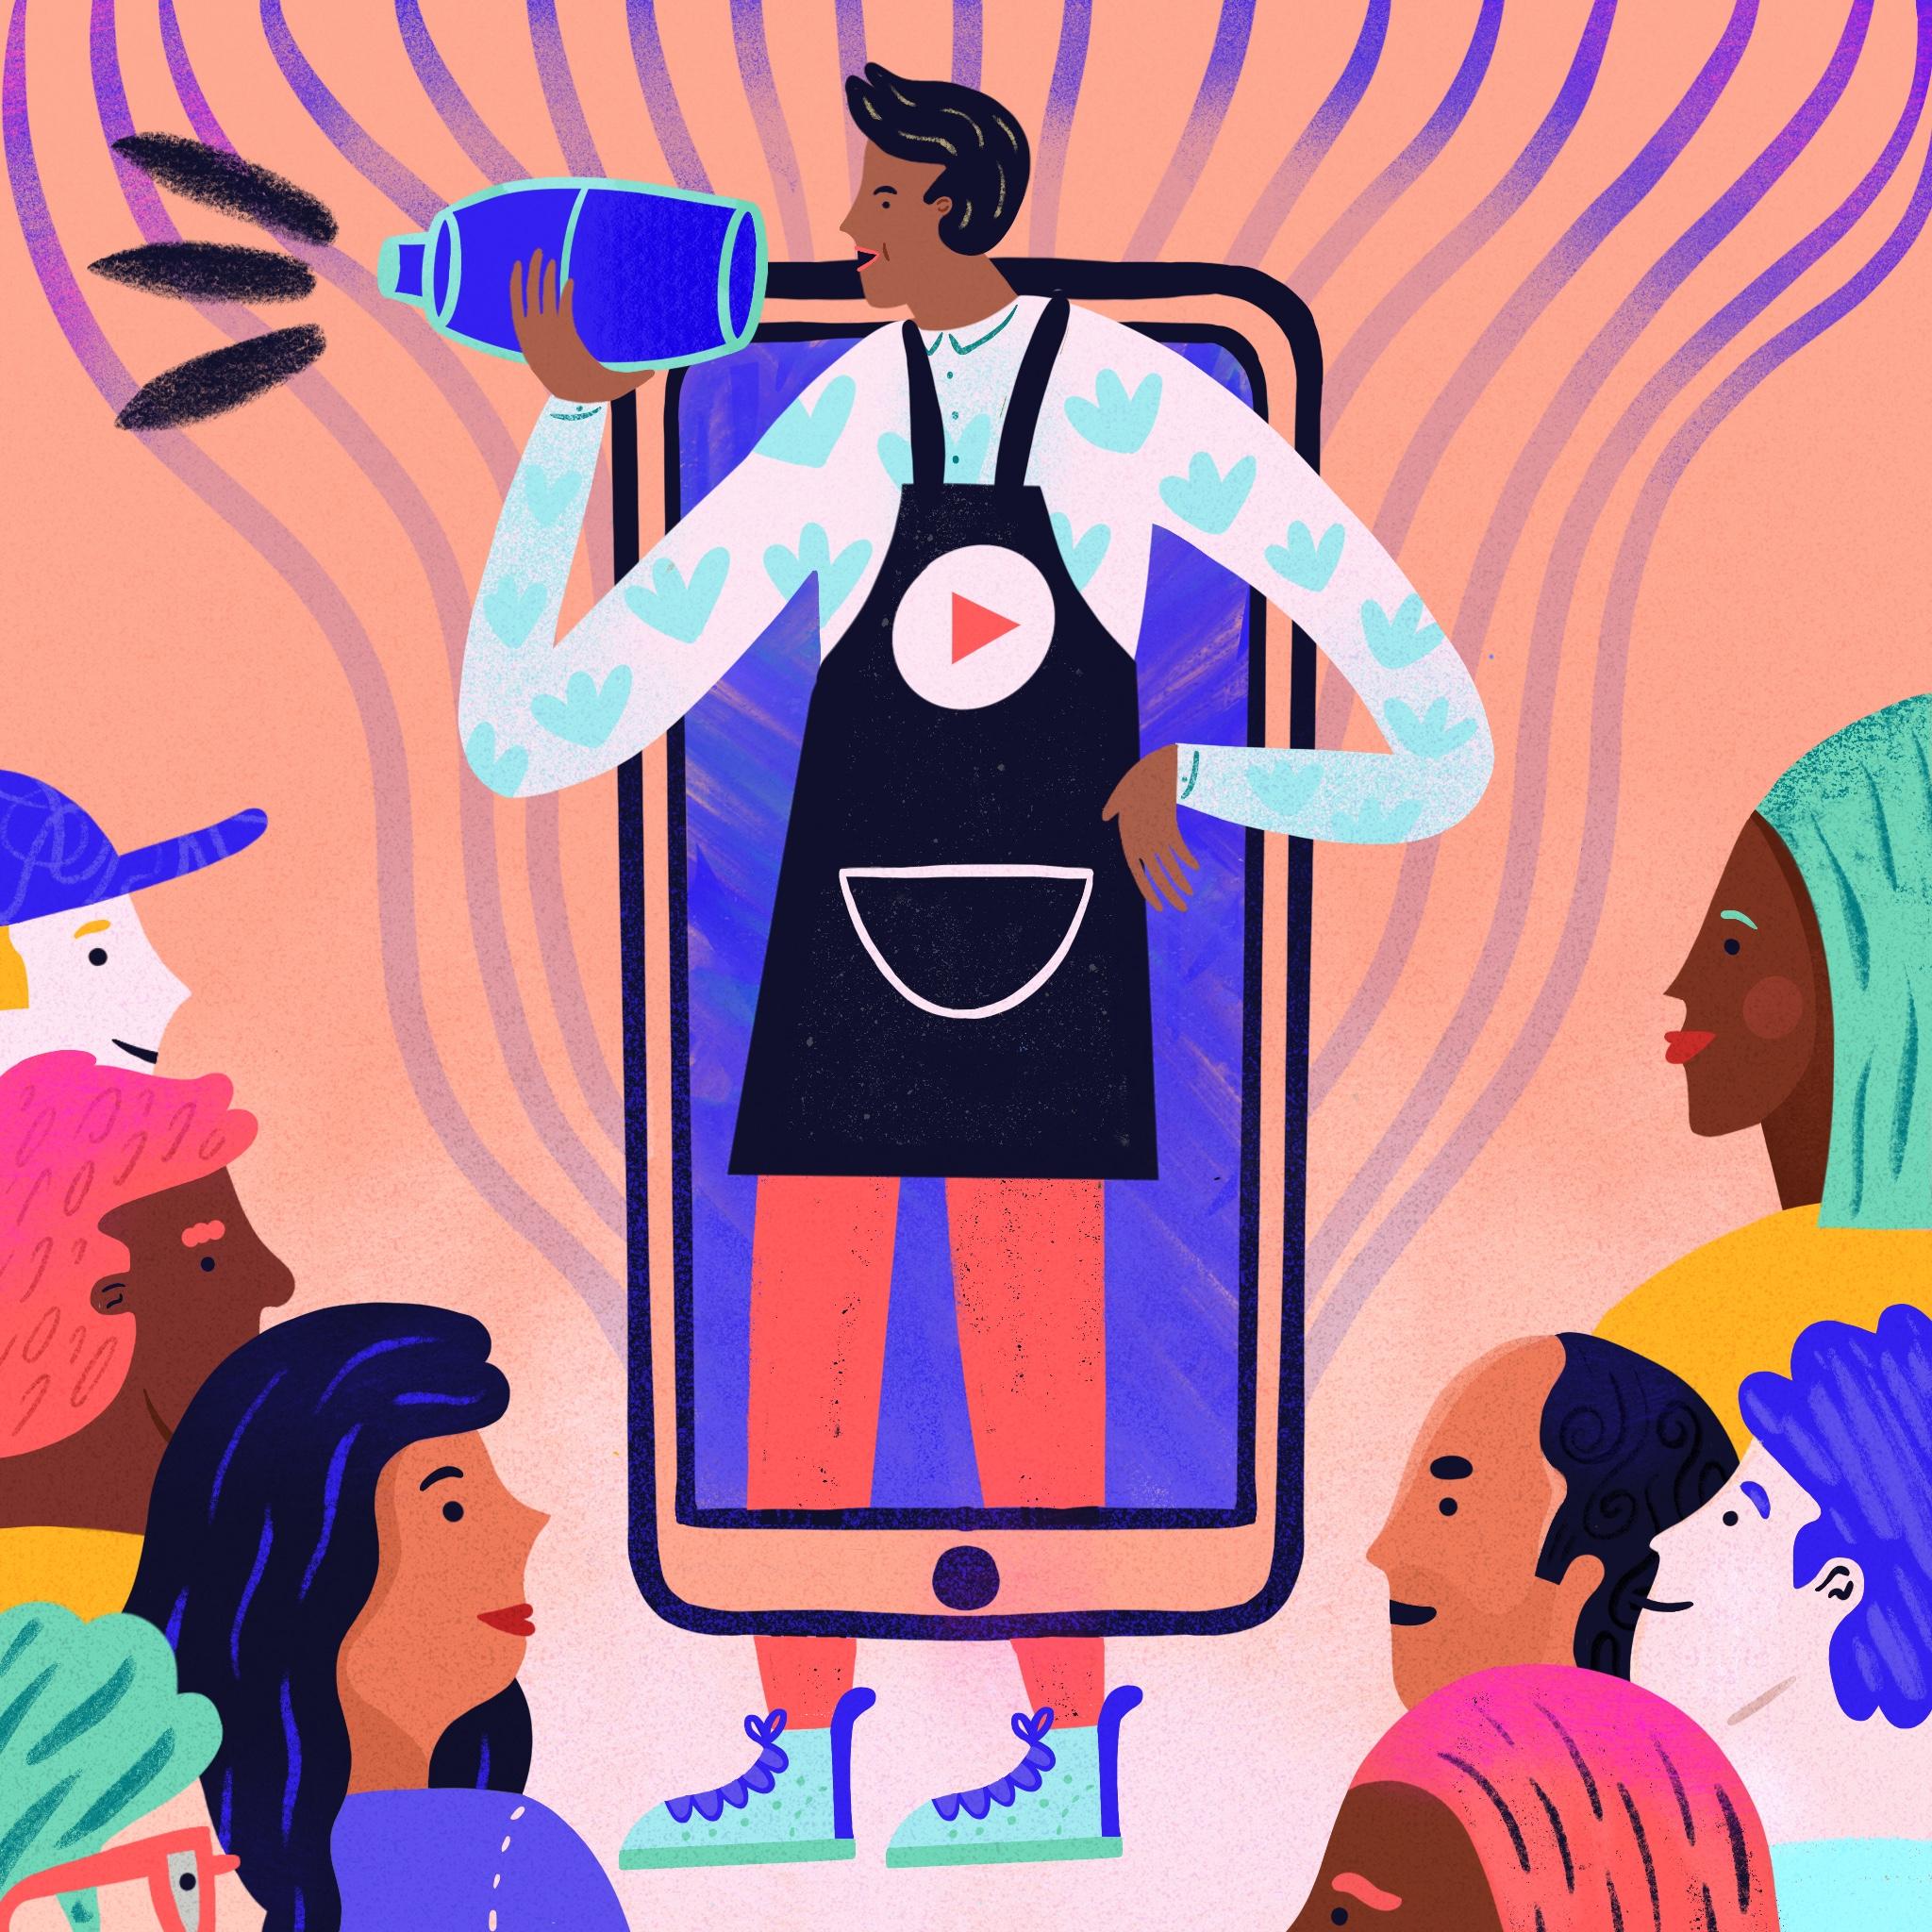 bartender-influencer-sofia-varano-illustration-editorial